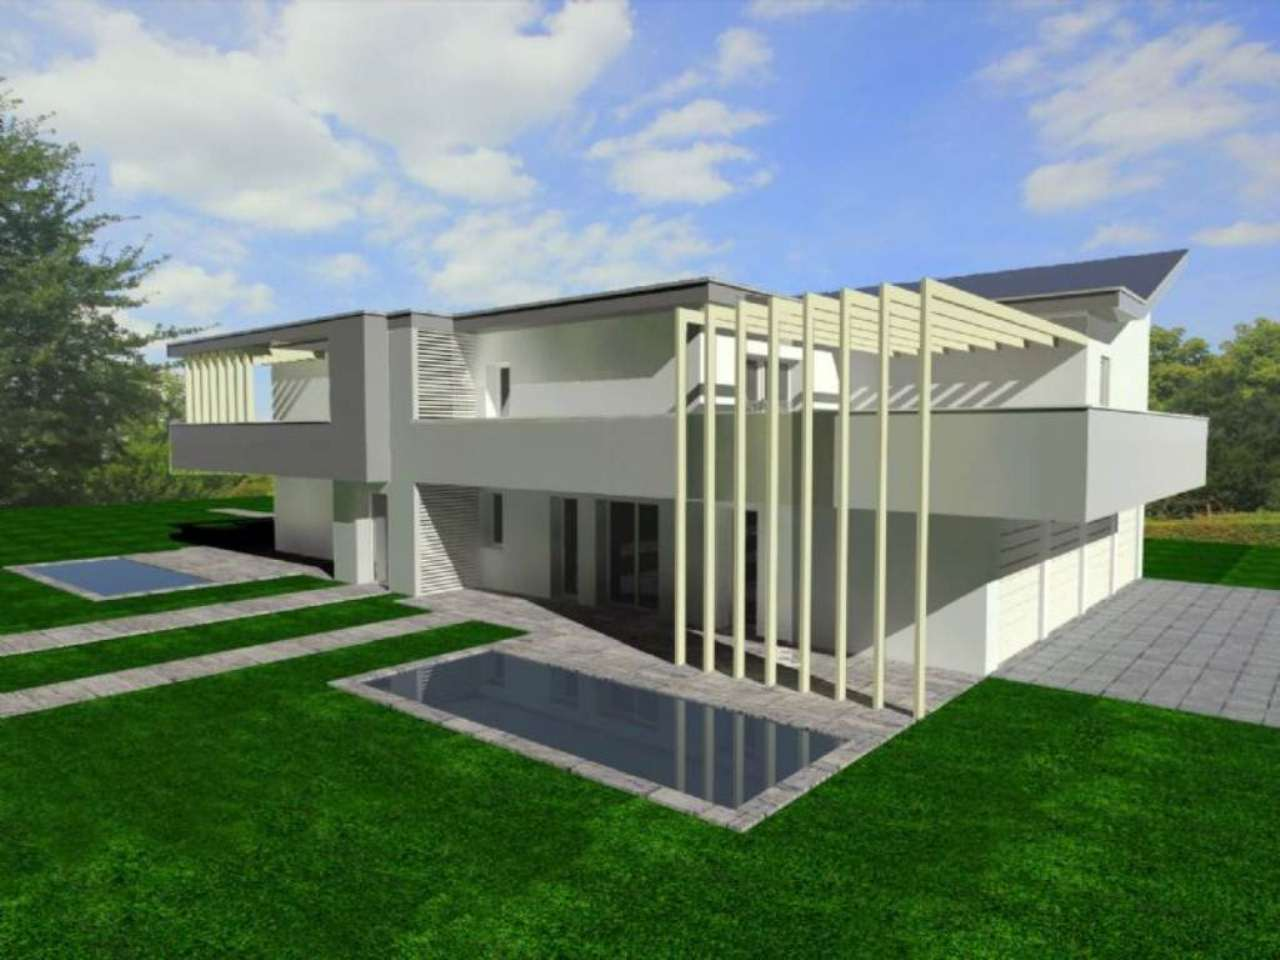 Appartamento in vendita a Silea, 6 locali, prezzo € 245.000 | Cambio Casa.it